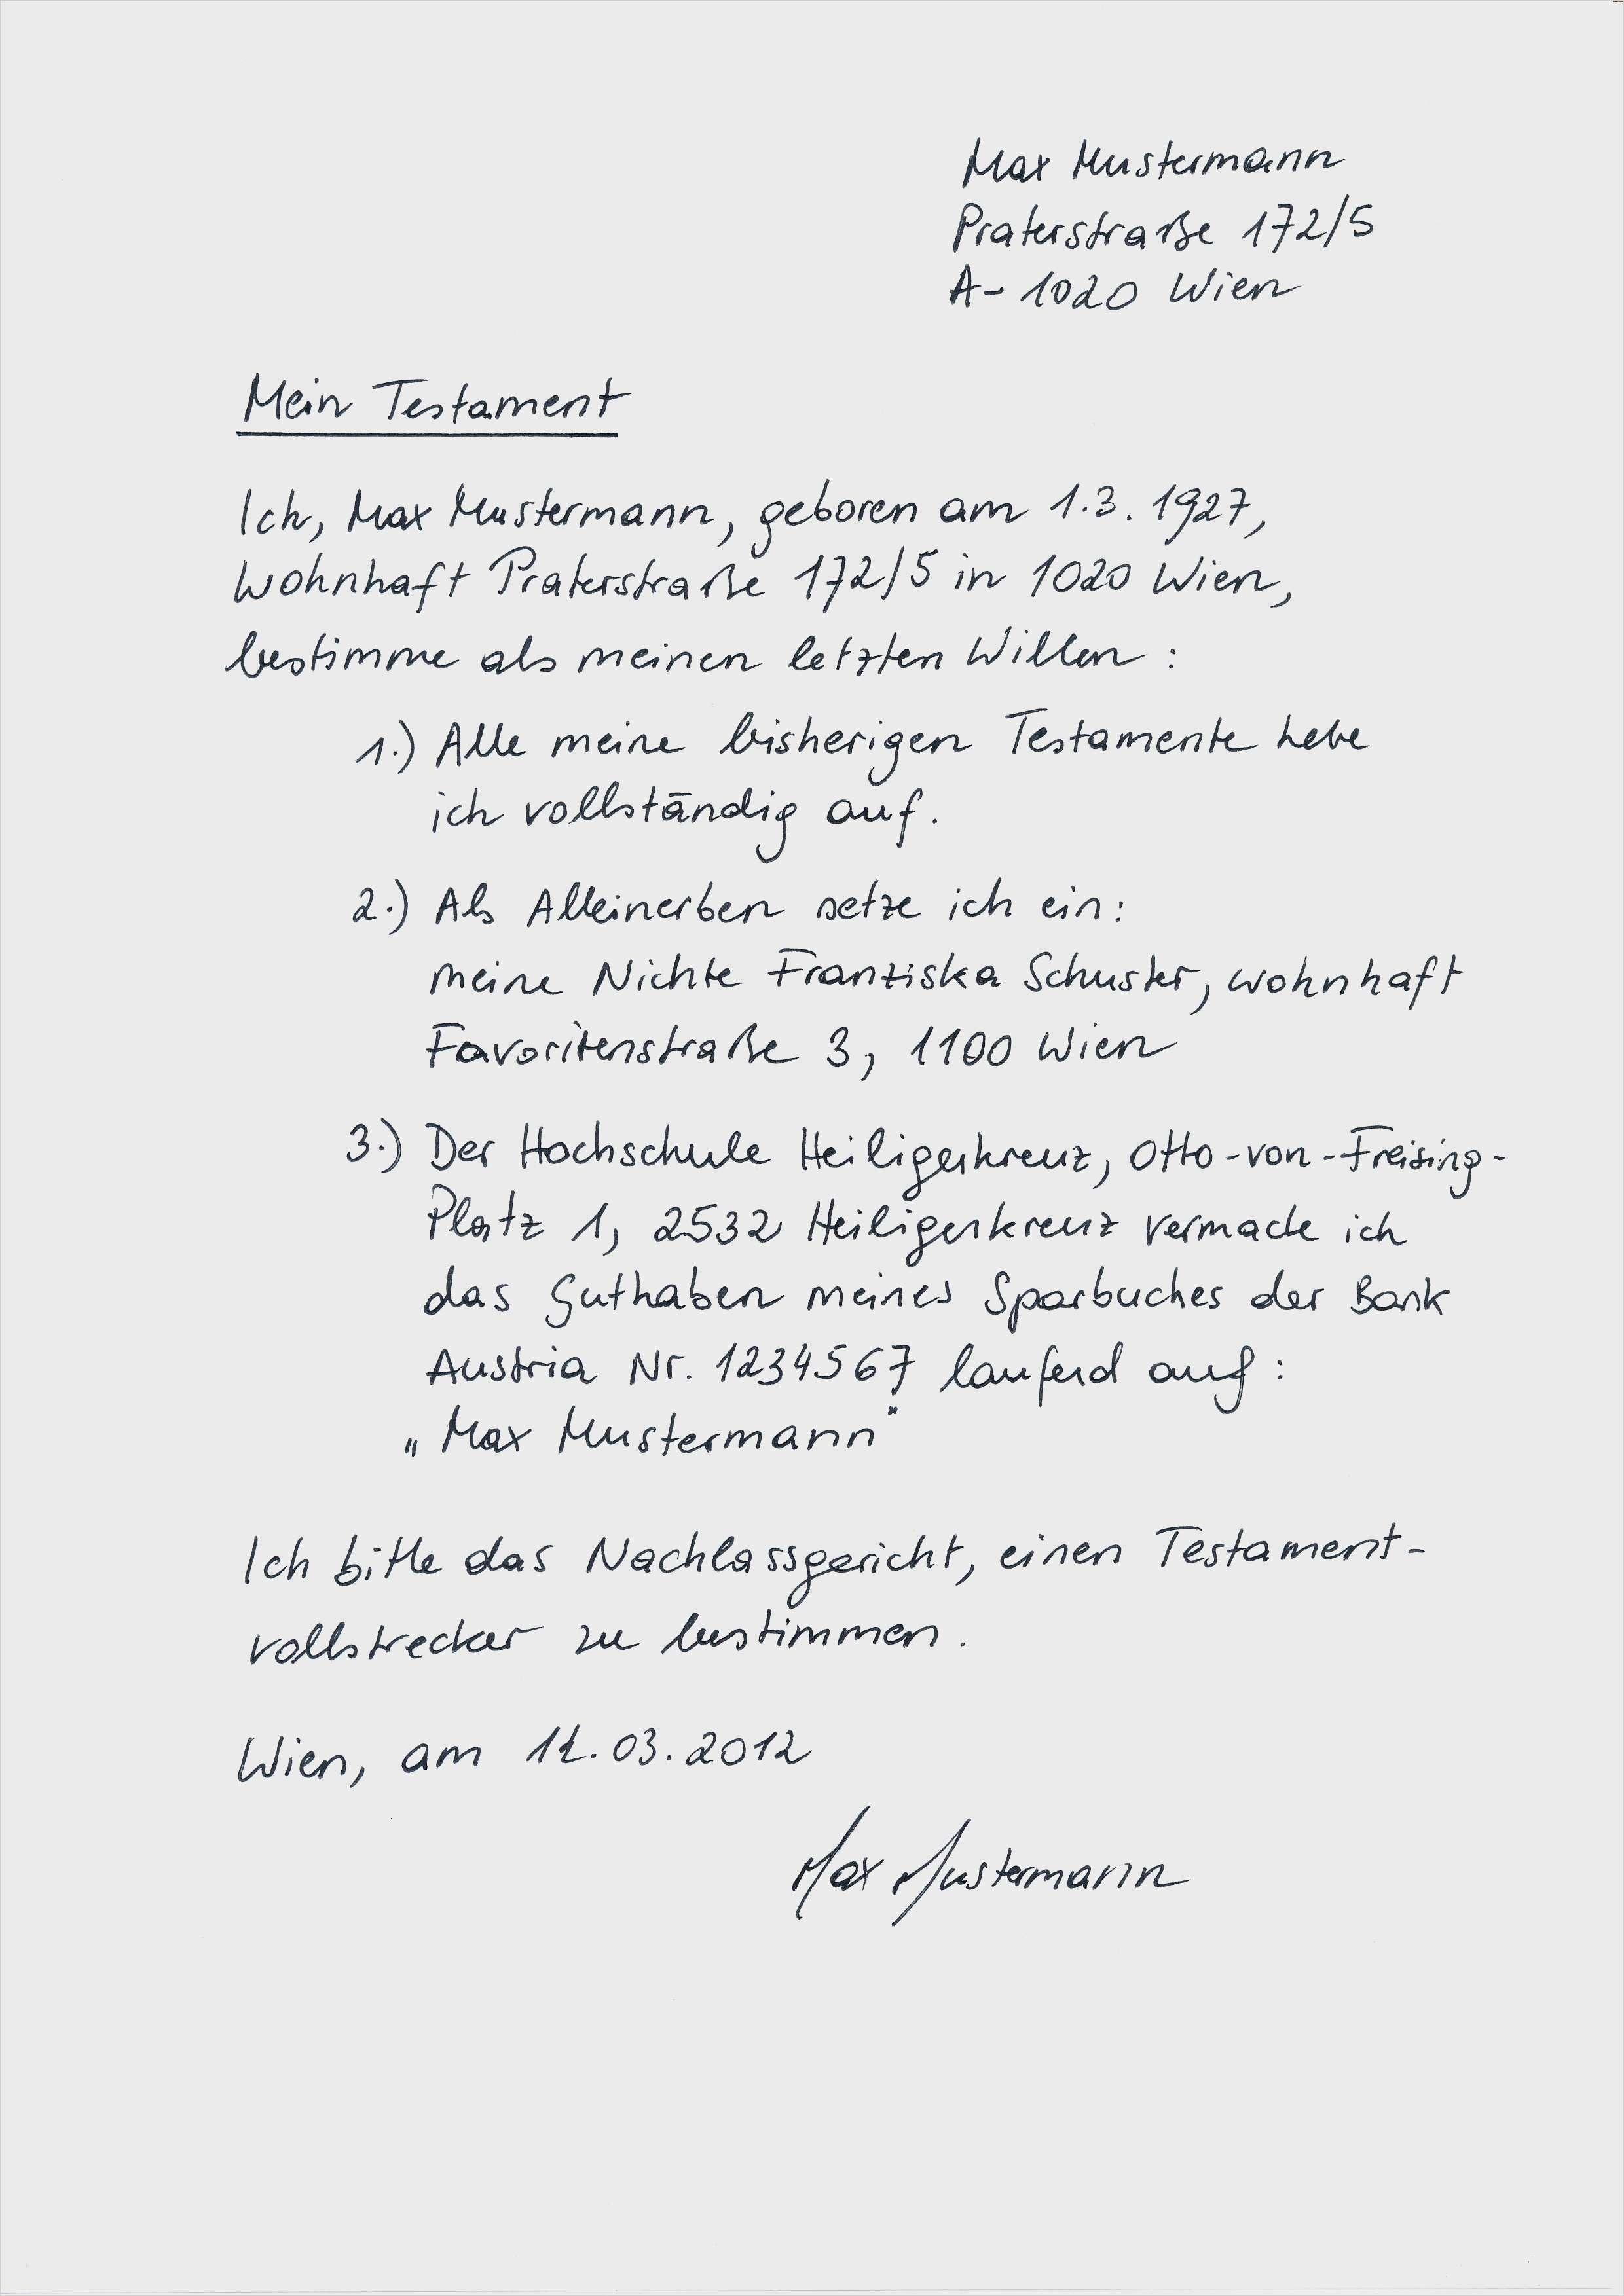 43 Fabelhaft Testament Handschriftlich Vorlage Nobel Solche Konnen Adaptieren Fur Ihre Ideen In 2020 Vorlagen Lebenslauf Bewerbung Schreiben